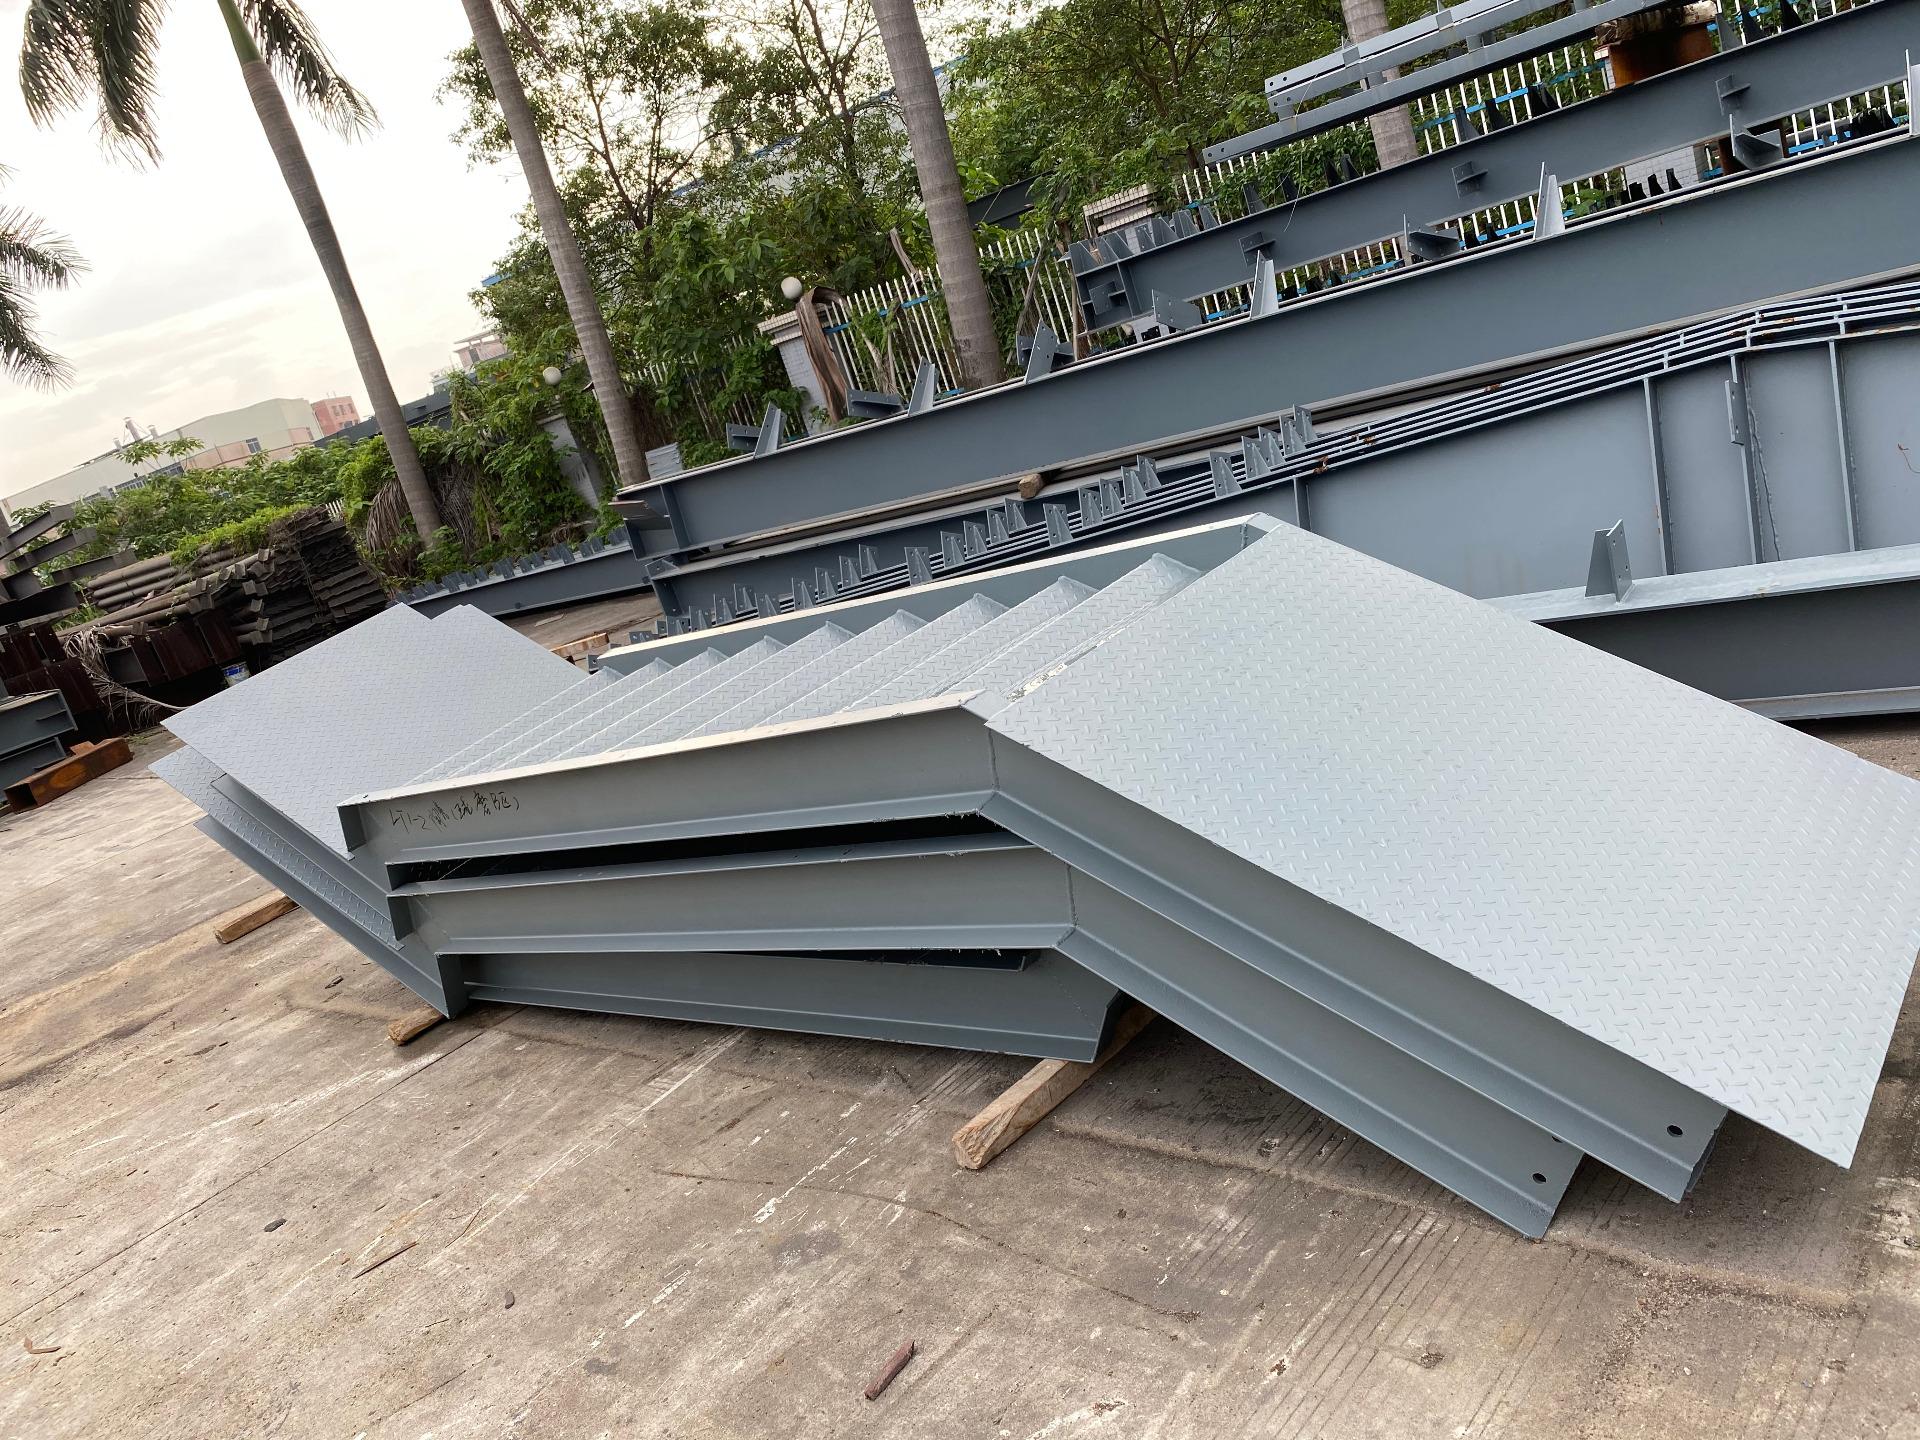 口碑信誉好的山西钢结构生产厂家哪里有?加工施工价格是多少?